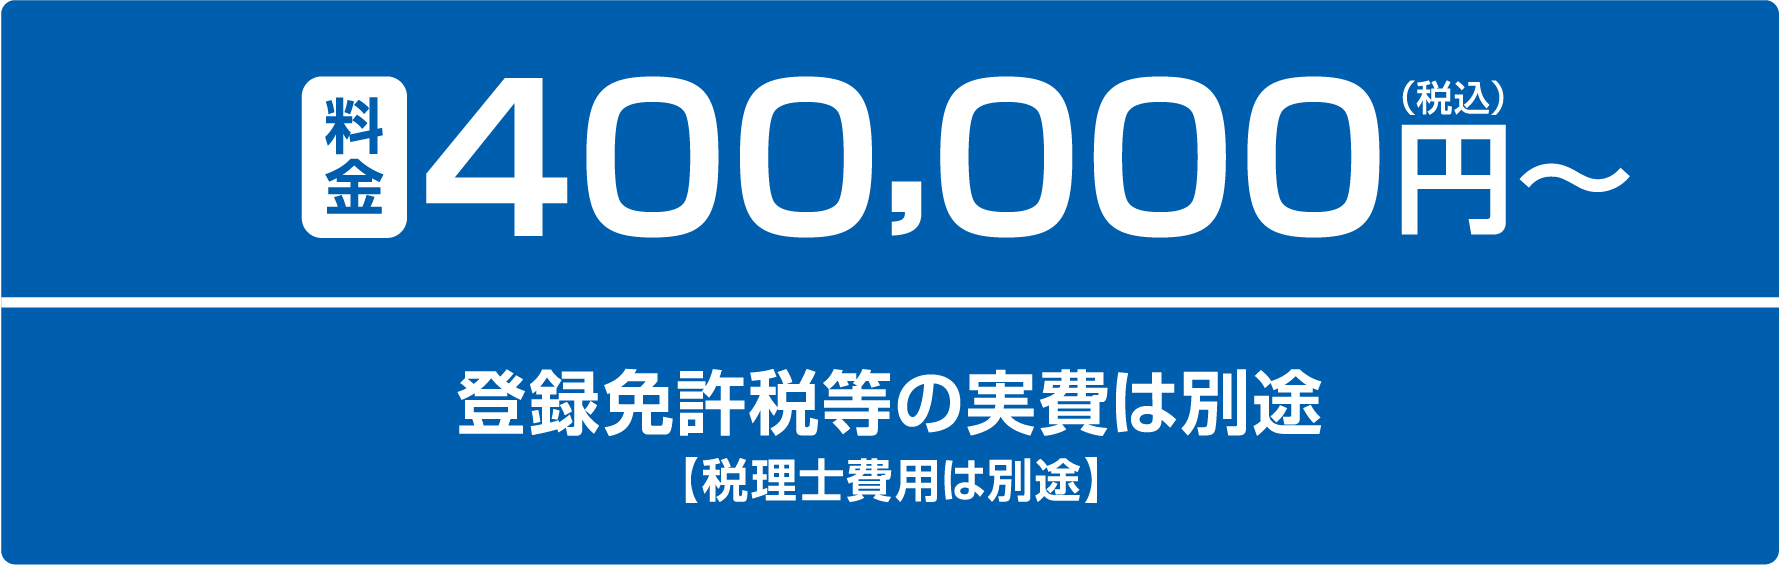 料金400,000円(税込)〜 登録免許税等の実費は別途【税理士費用は別途】